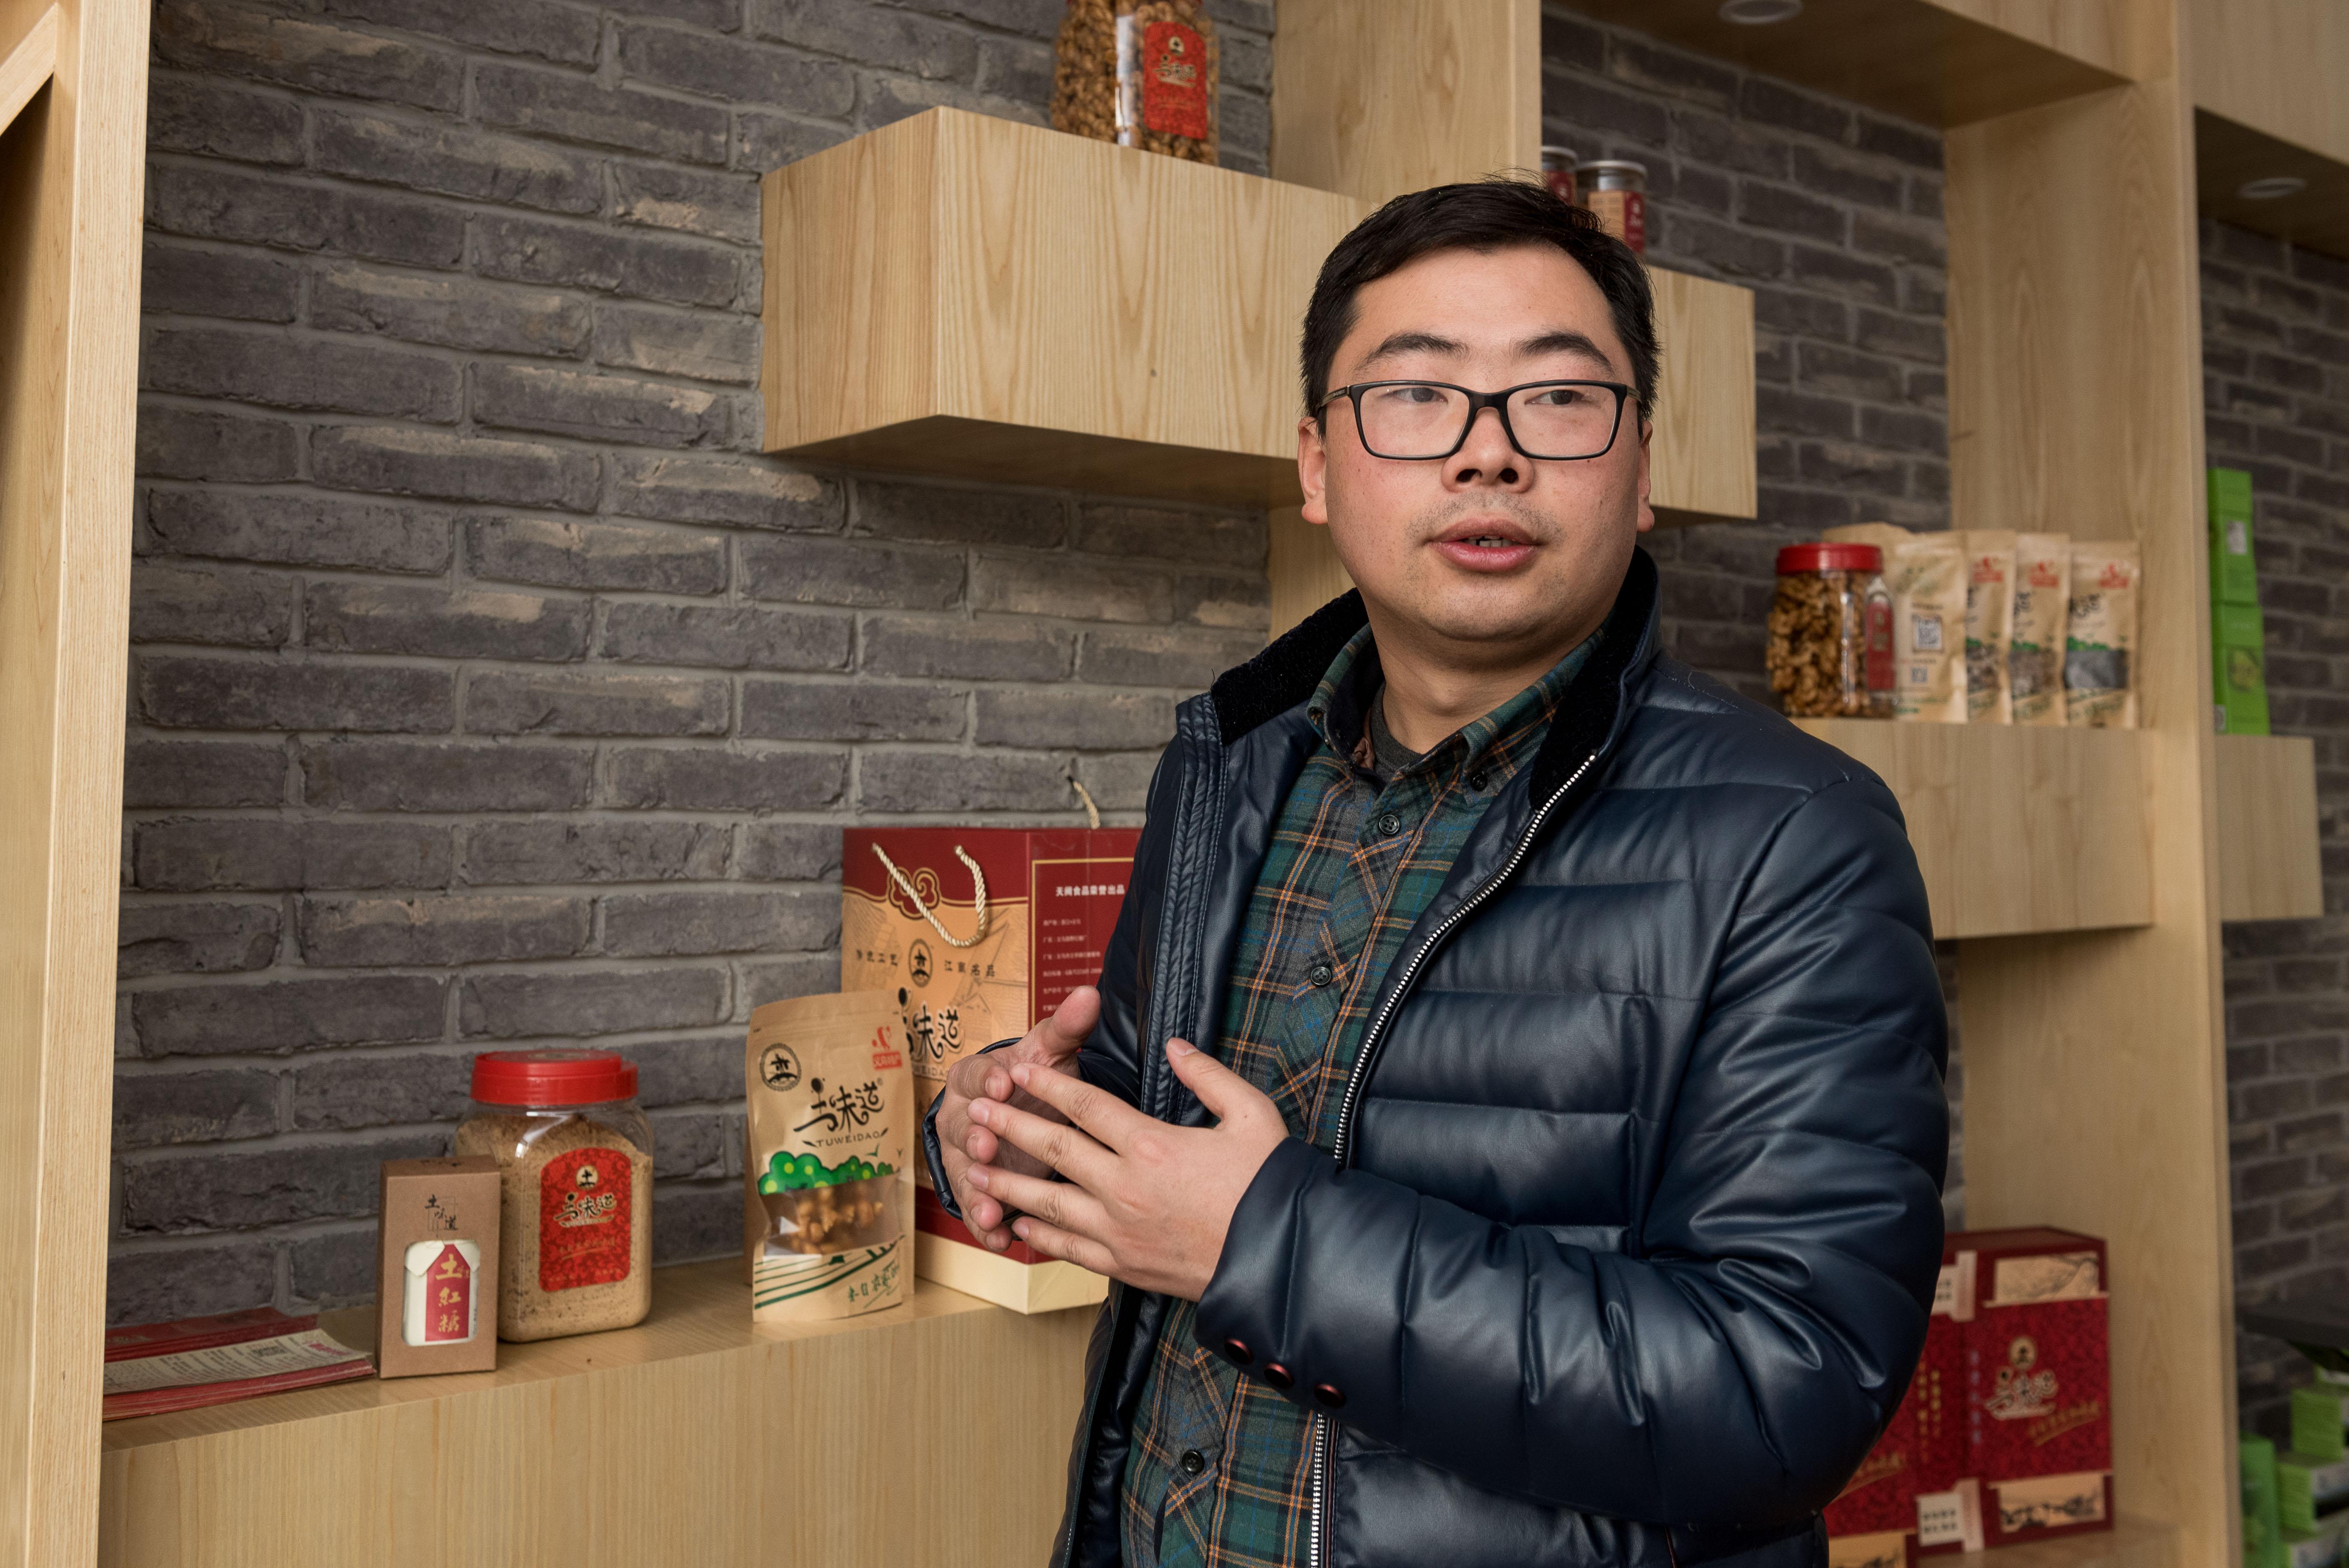 金文進_工商學院創業導師,從近十年前創業班開辦起,一直在第一線帶領學生,目前是青岩劉電商創業實驗室指導老師。